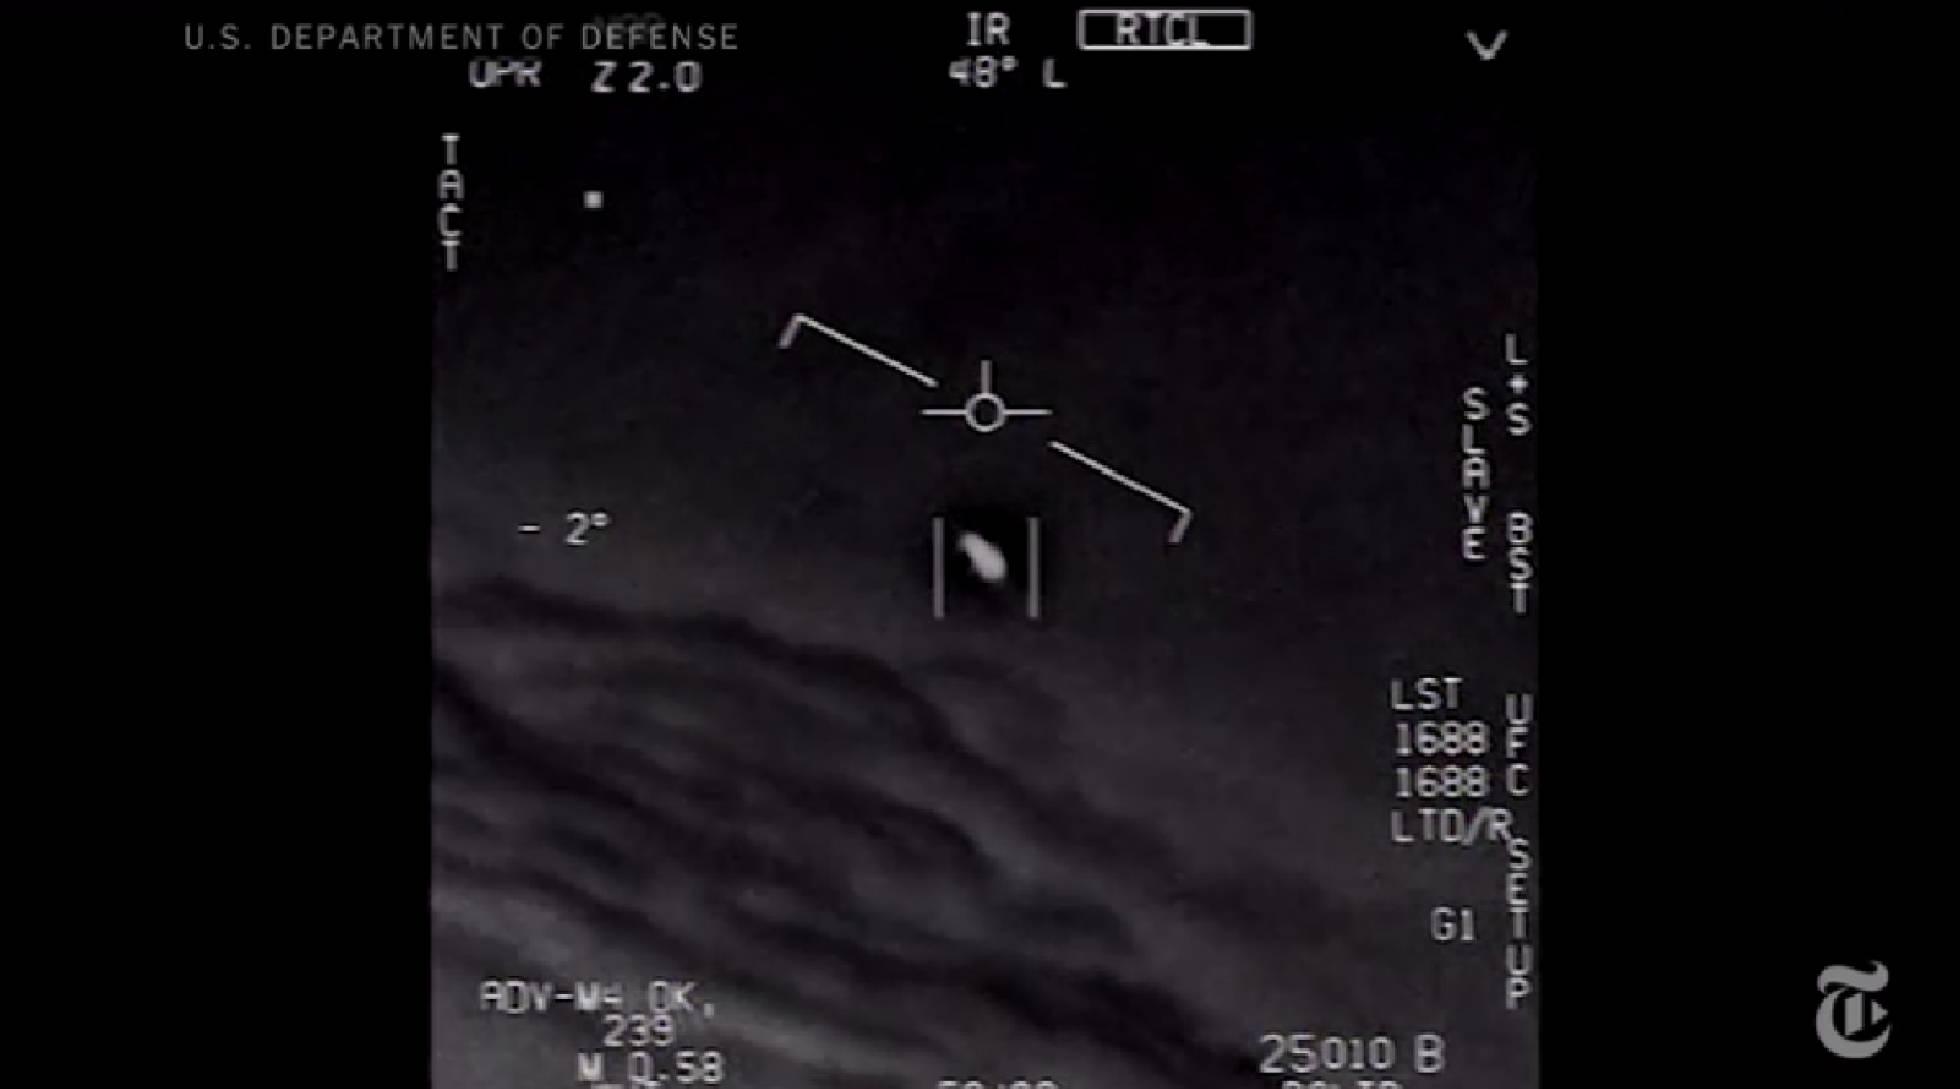 EUA destinaram 22 milhões de dólares anuais a programa secreto para investigar OVNIs